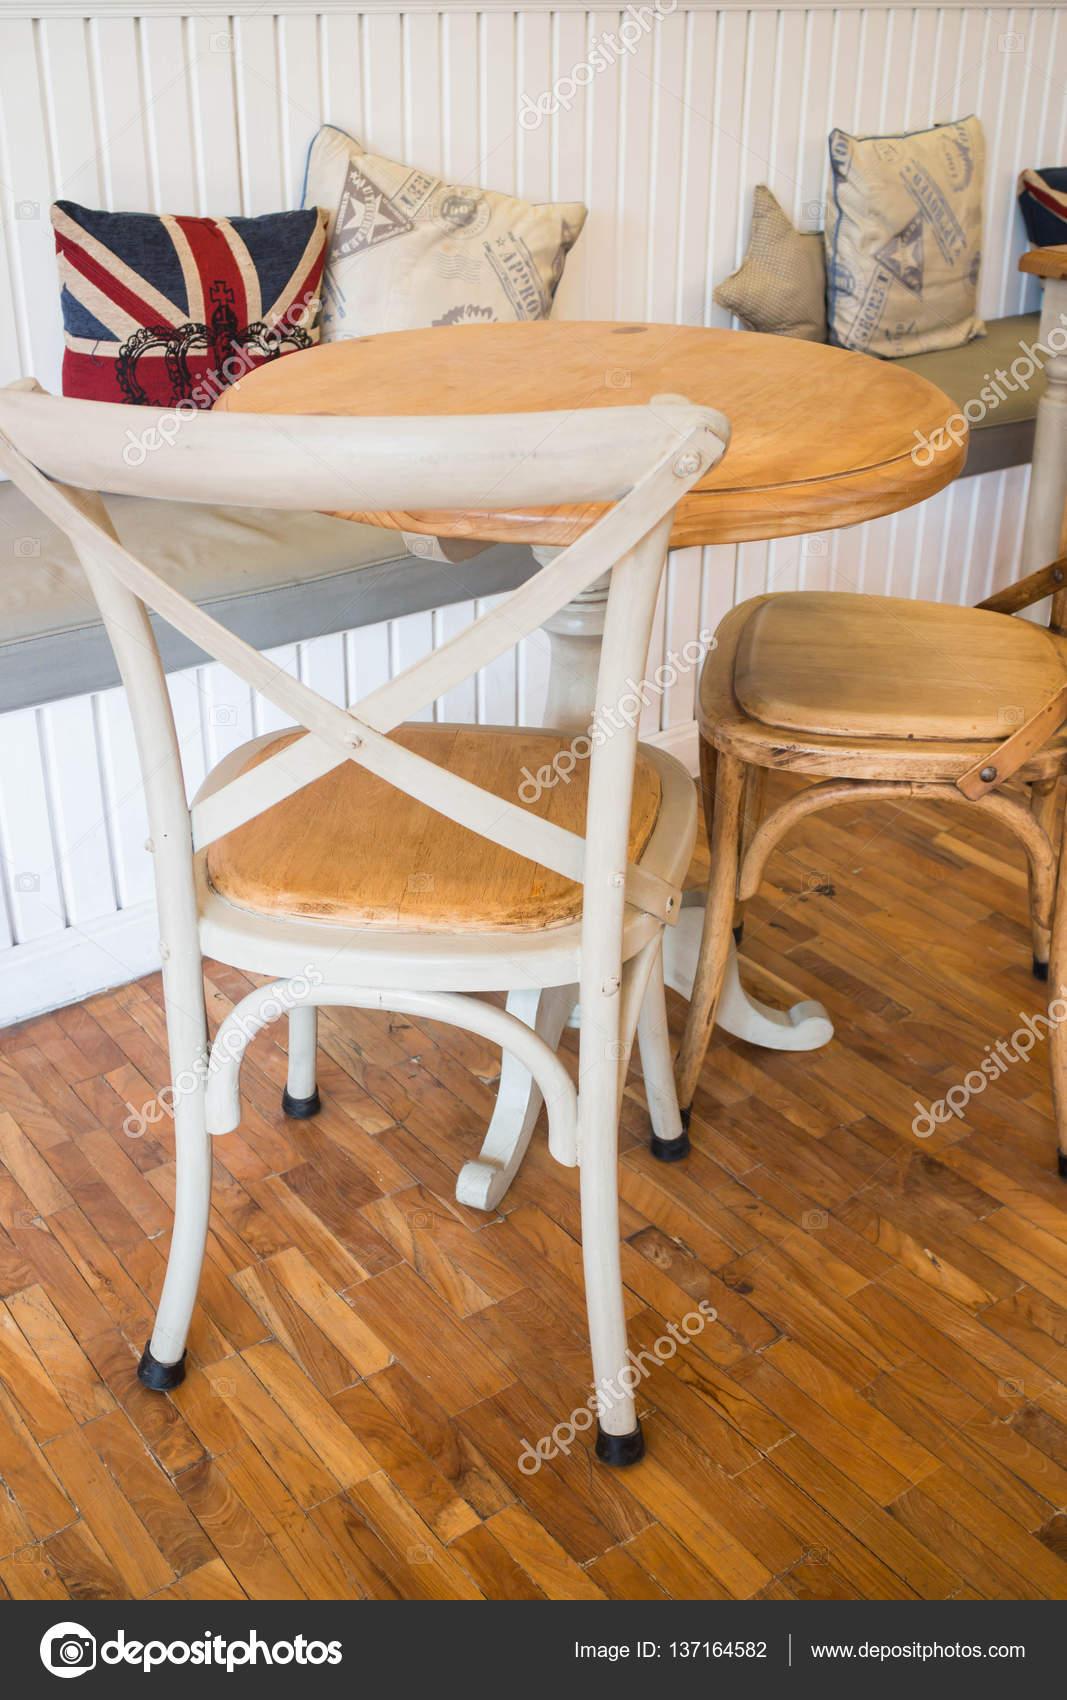 chaises de cuisine blanche vintage unique photographie nalinrat 137164582. Black Bedroom Furniture Sets. Home Design Ideas